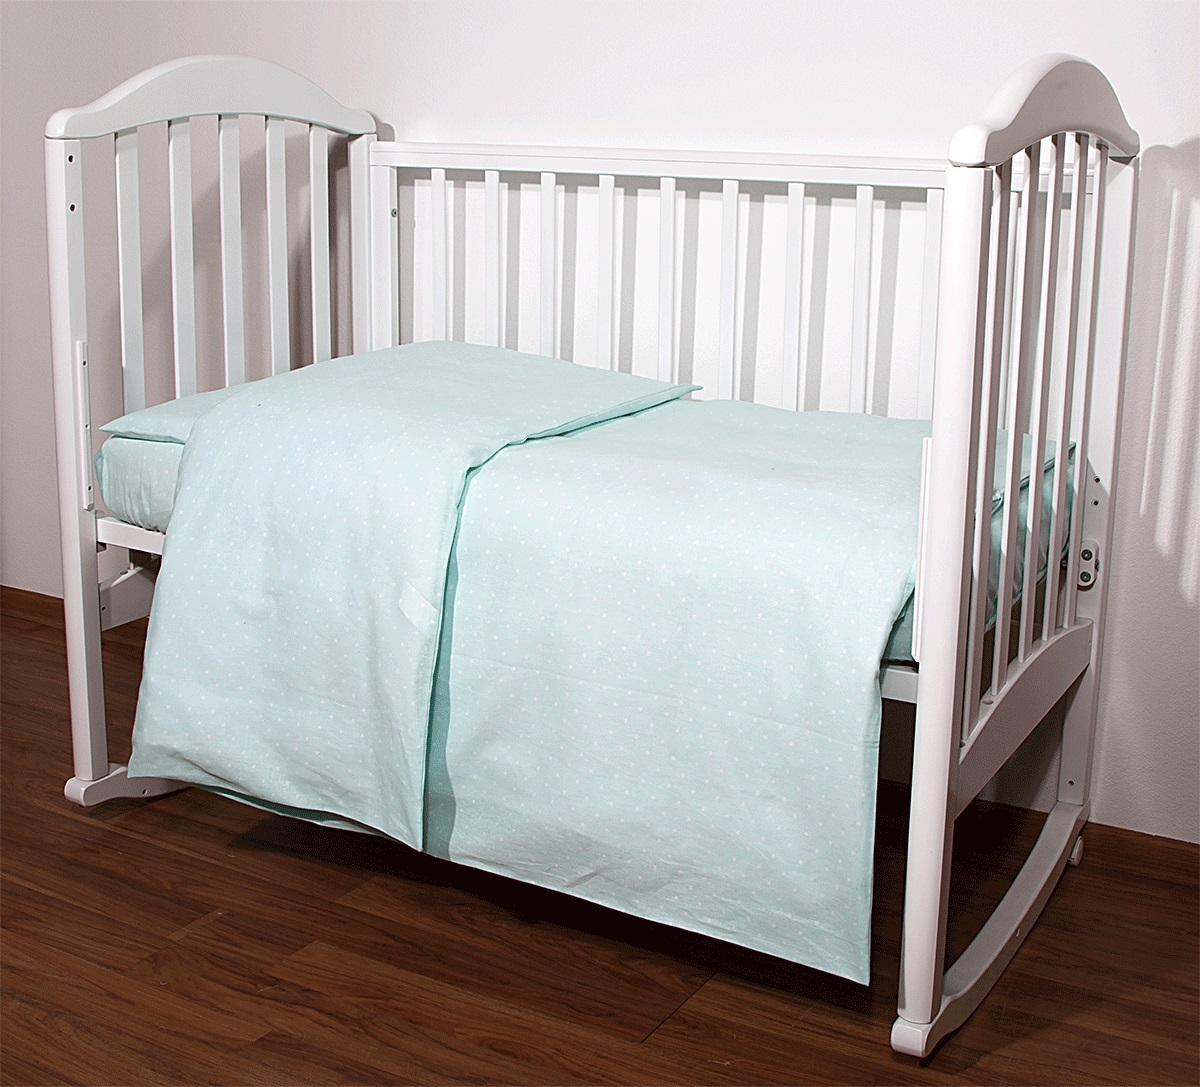 Baby Nice Комплект белья для новорожденных Горох цвет светло-зеленыйС1112Постельное бельё, сшито из качественной бязи импортного производства.Бельё не деформируется, цвет не выстирывается.наволочка 40х60, пододеяльник 112х147,простынь 60х120